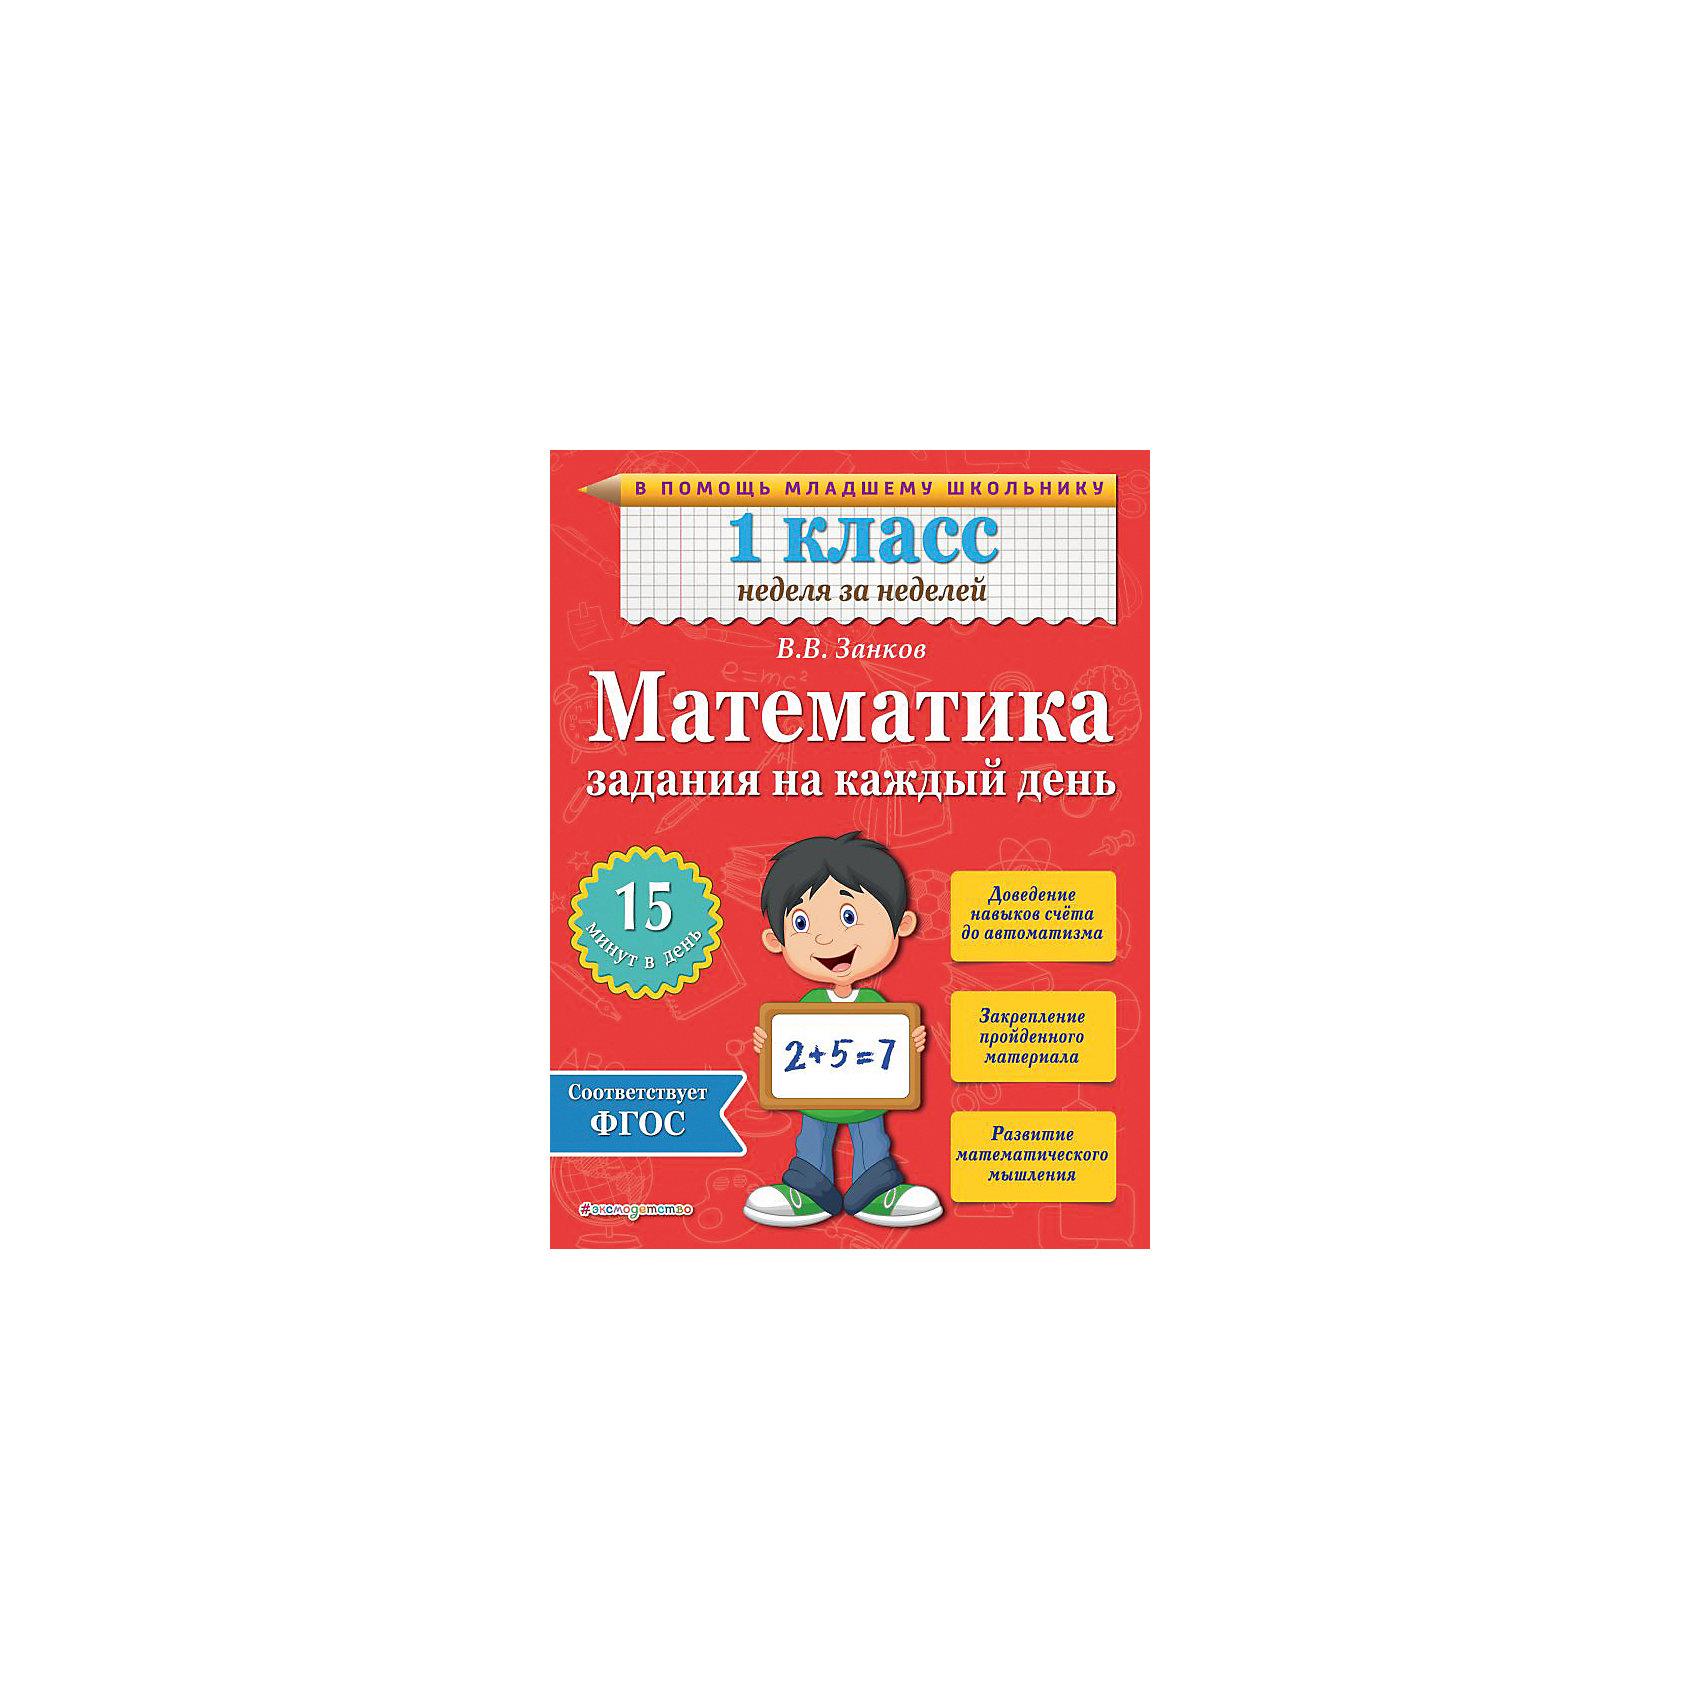 Математика: Задания на каждый день, 1 классОбучение счету<br>Характеристики товара: <br><br>• ISBN: 9785699779758<br>• возраст от: 6 лет<br>• формат: 60x84/8<br>• бумага: офсетная<br>• обложка: мягкая<br>• серия: В помощь младшему школьнику. Неделя за неделей<br>• издательство: Эксмо<br>• иллюстрации: нет<br>• автор: Занков Владимир Владимирович<br>• количество страниц: 48<br>• размеры: 21x28 см<br><br>Пособие «Математика. 1 класс. Задания на каждый день» - это сборник заданий, который поможет ученикам лучше освоить предмет и закрепить навыки. Пособие подразумевает занятия всего по 15-20 минут в день.<br><br>Это издание полностью соответствует нормам Федерального государственного образовательного стандарта. Оно рассчитано как для применения в школе, так и для использования дома учениками самостоятельно. Пособие может стать полезным помощником для школьника.<br><br>Пособие «Математика. 1 класс. Задания на каждый день» можно купить в нашем интернет-магазине.<br><br>Ширина мм: 280<br>Глубина мм: 210<br>Высота мм: 40<br>Вес г: 125<br>Возраст от месяцев: 72<br>Возраст до месяцев: 84<br>Пол: Унисекс<br>Возраст: Детский<br>SKU: 5535113